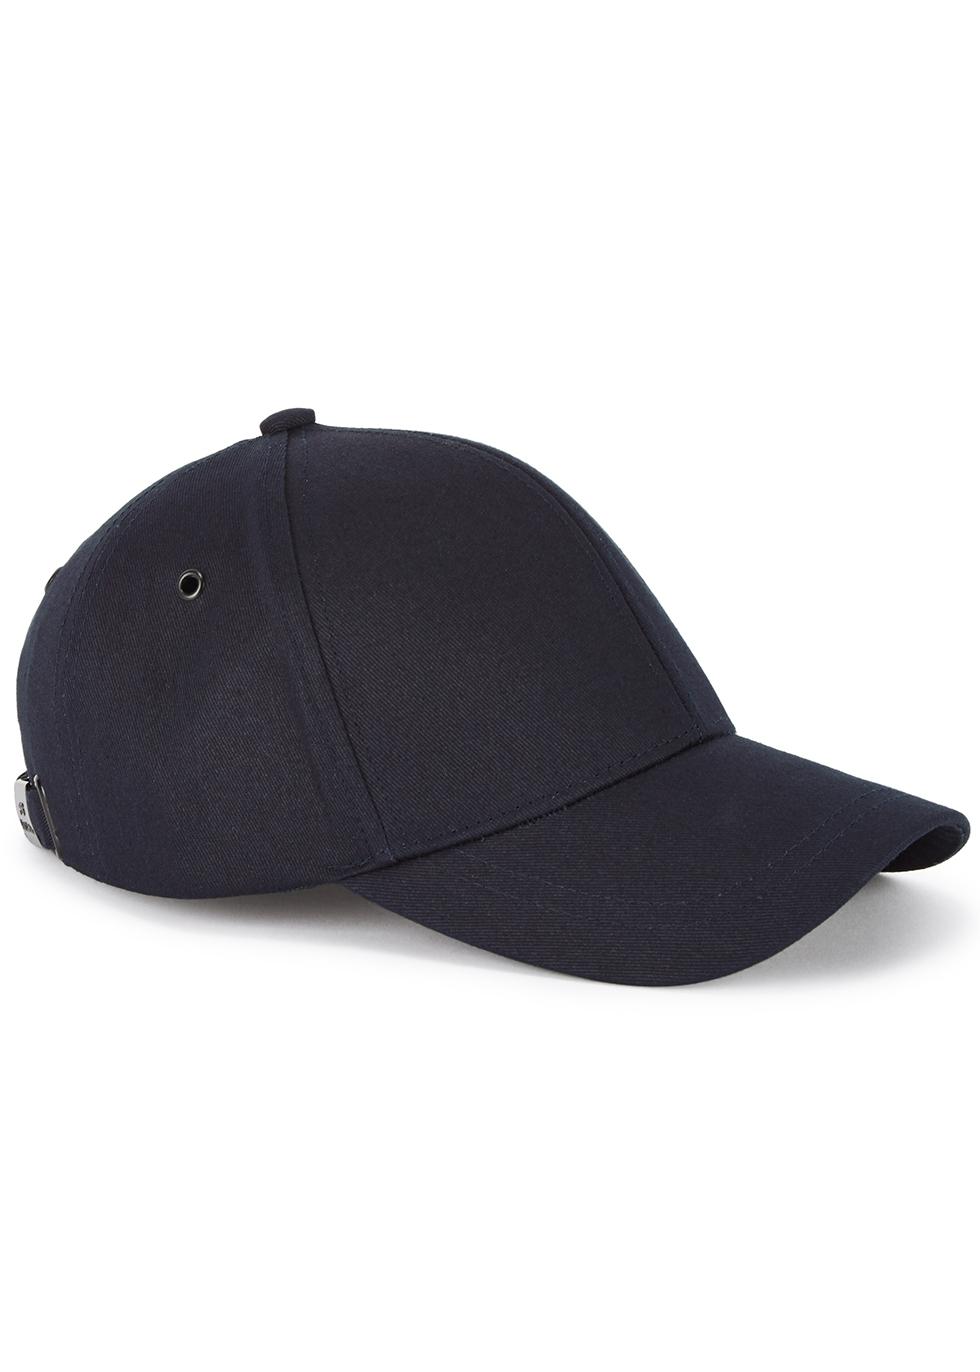 4f8e90a58e8 Men s Designer Hats - Harvey Nichols